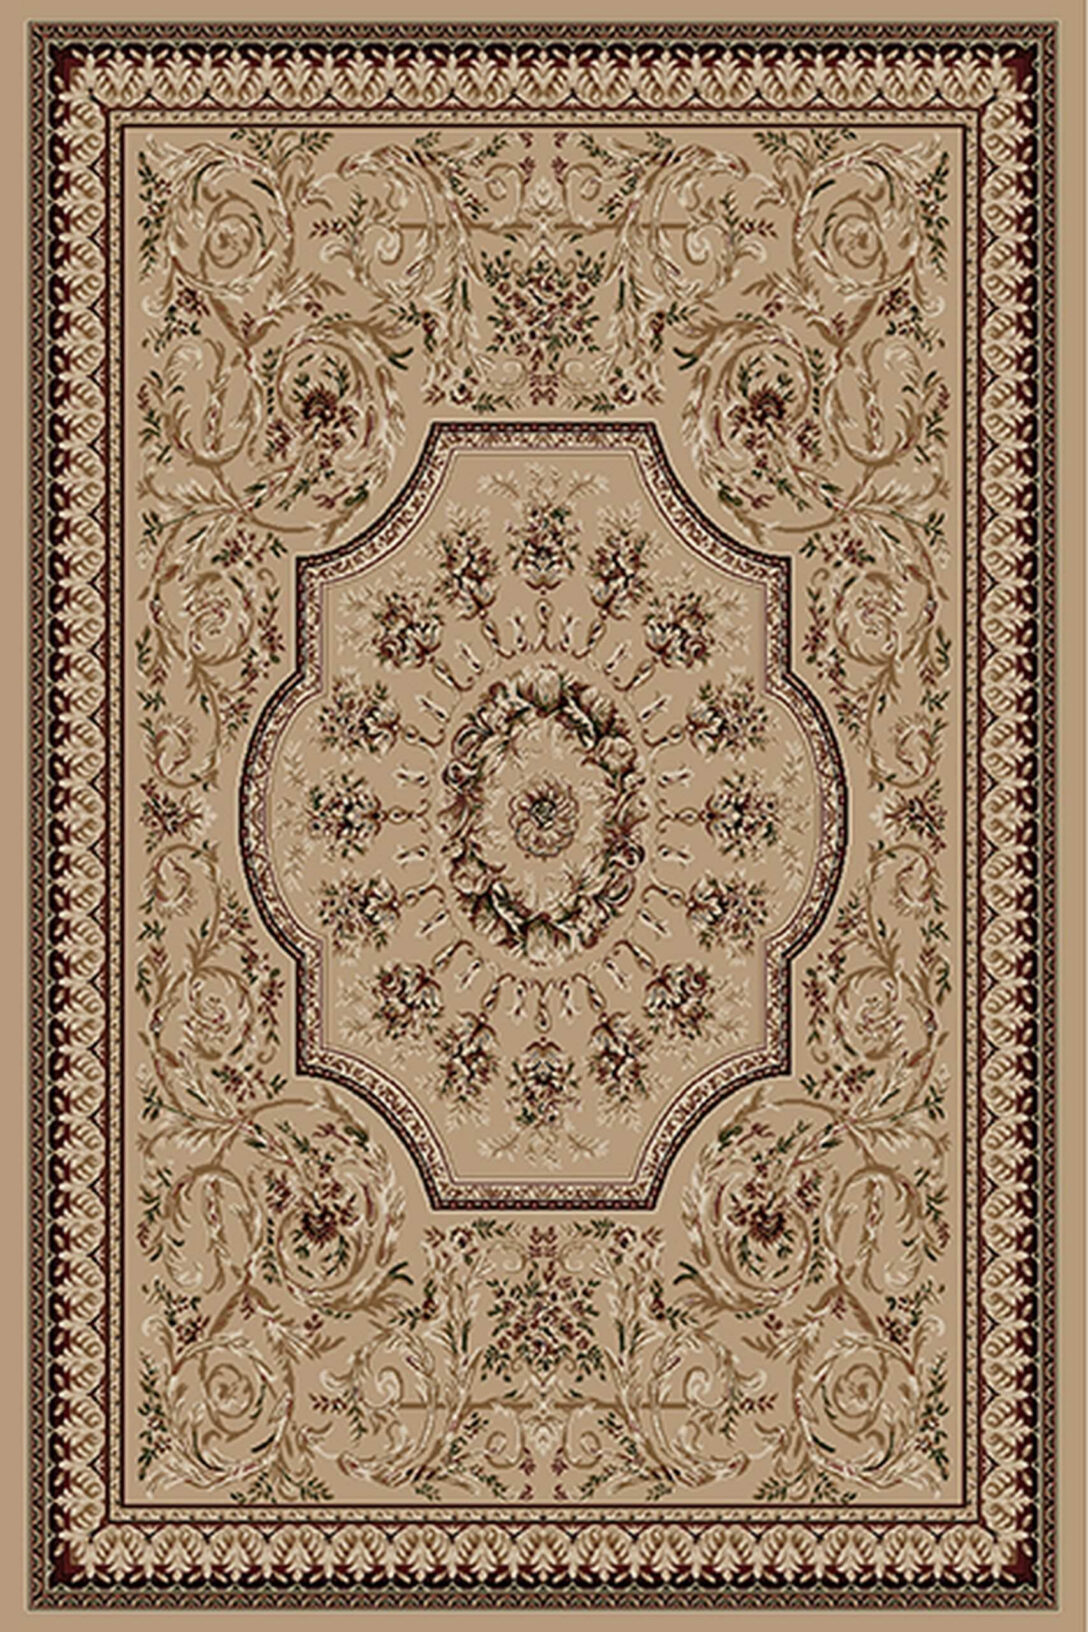 Large Size of Klassischer Orientalischer Teppich Marrakesh 0209 Schlafzimmer Für Küche Badezimmer Steinteppich Bad Wohnzimmer Esstisch Teppiche Wohnzimmer Teppich 300x400